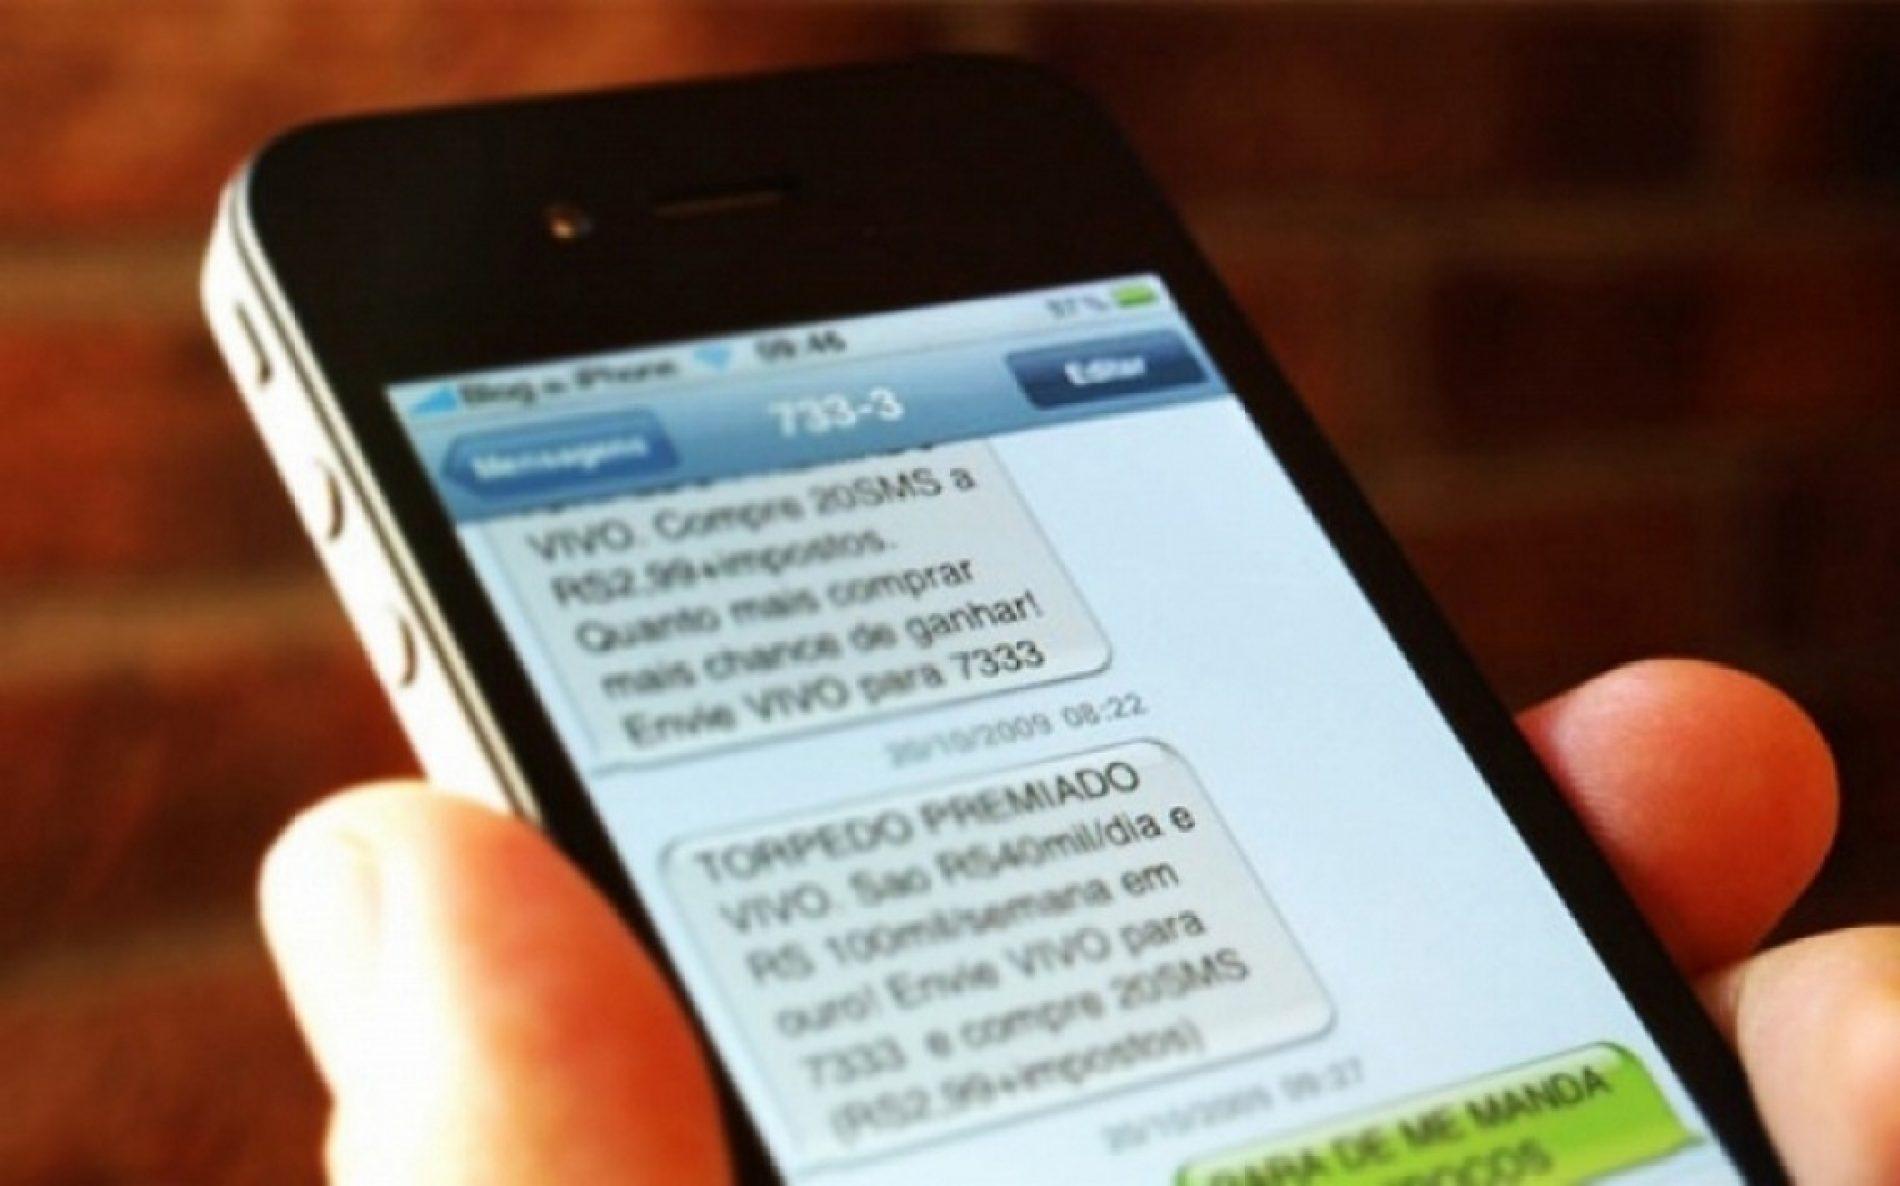 Homem cai no golpe do celular premiado e perde quase 6 mil reais